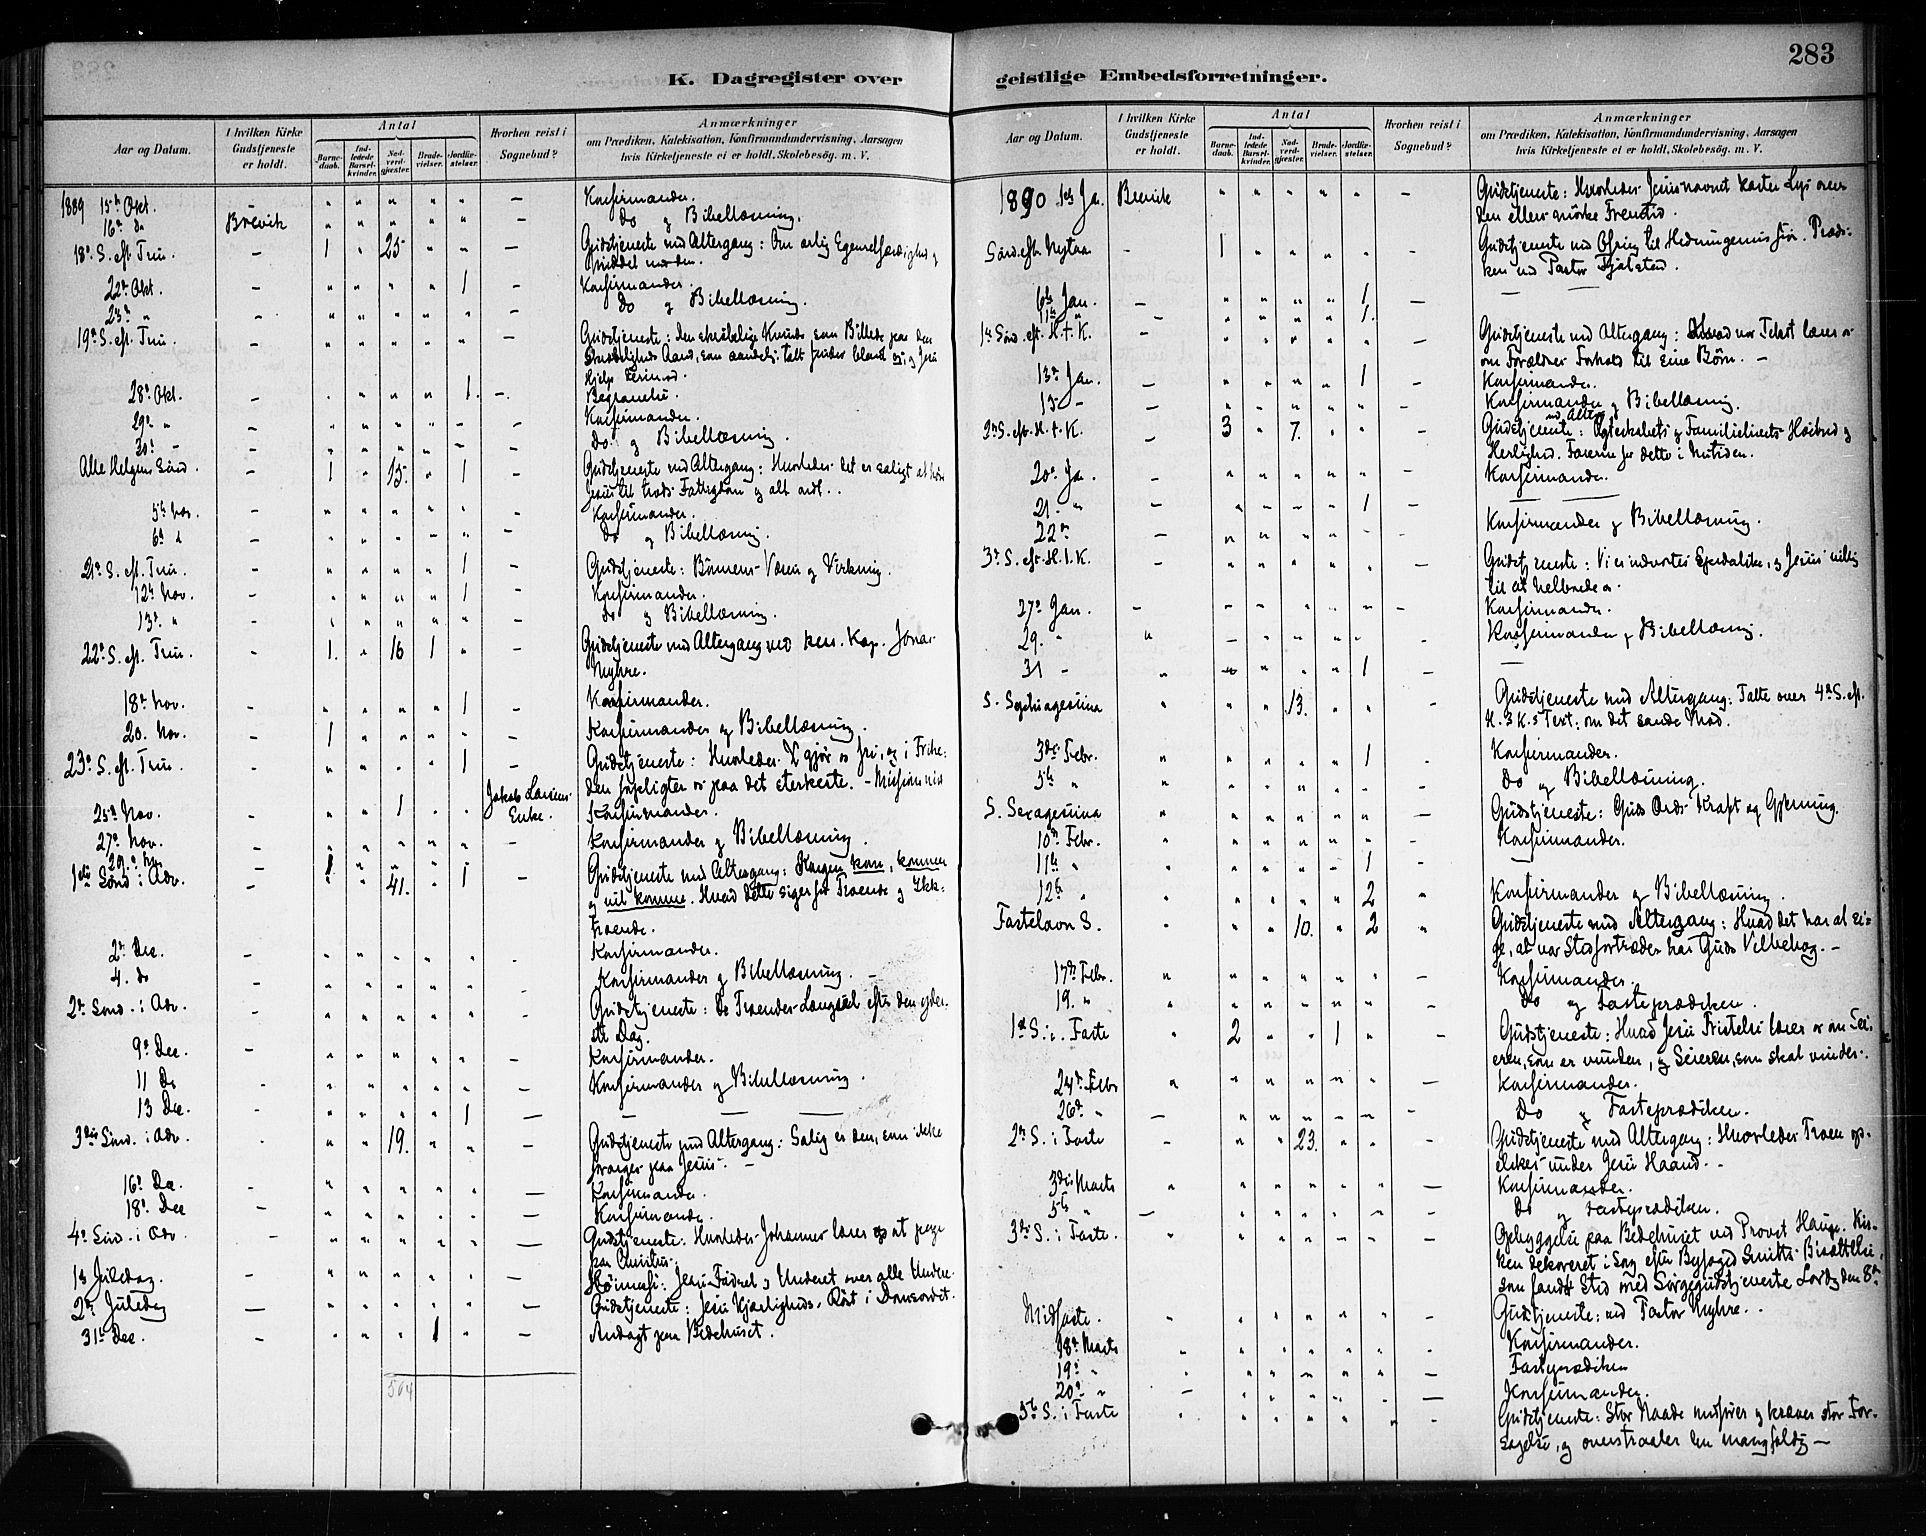 SAKO, Brevik kirkebøker, F/Fa/L0007: Ministerialbok nr. 7, 1882-1900, s. 283